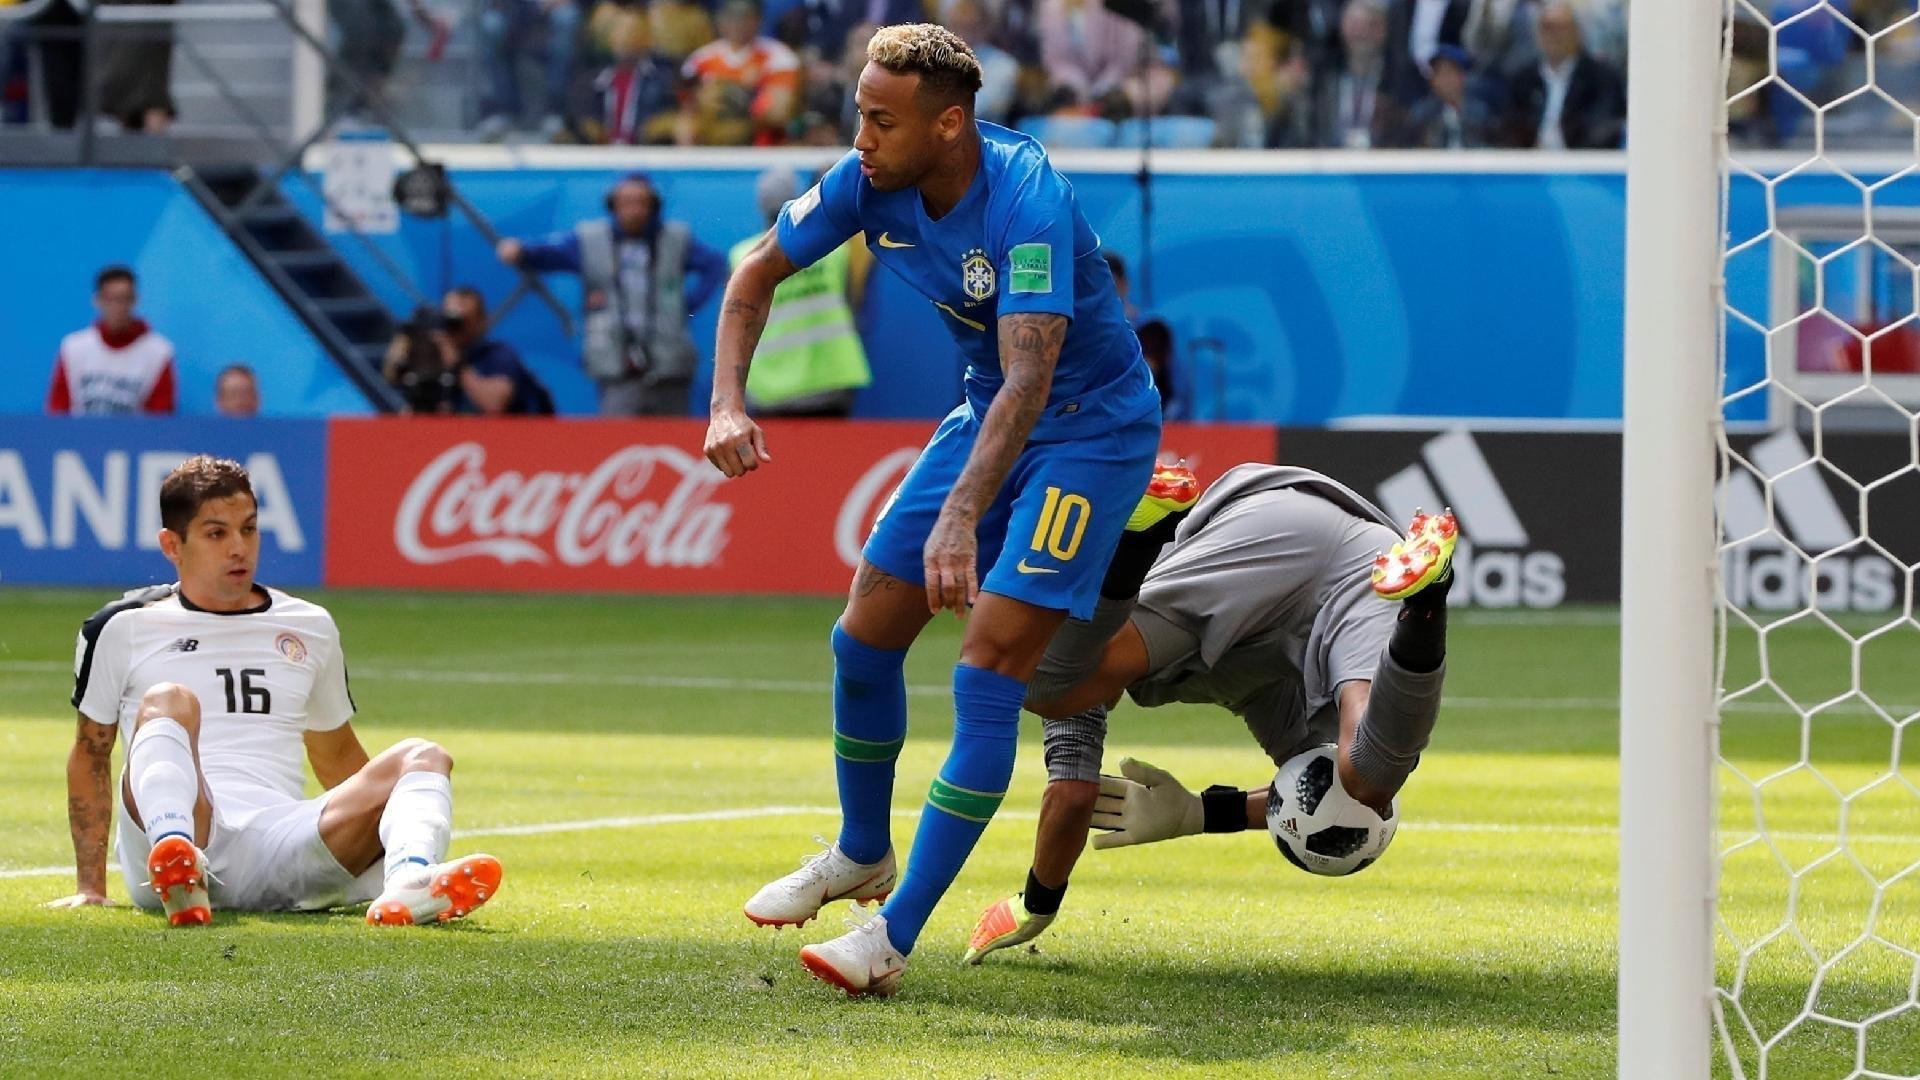 Em disputa com Neymar, Keylor Navas fez grandes defesas no segundo tempo